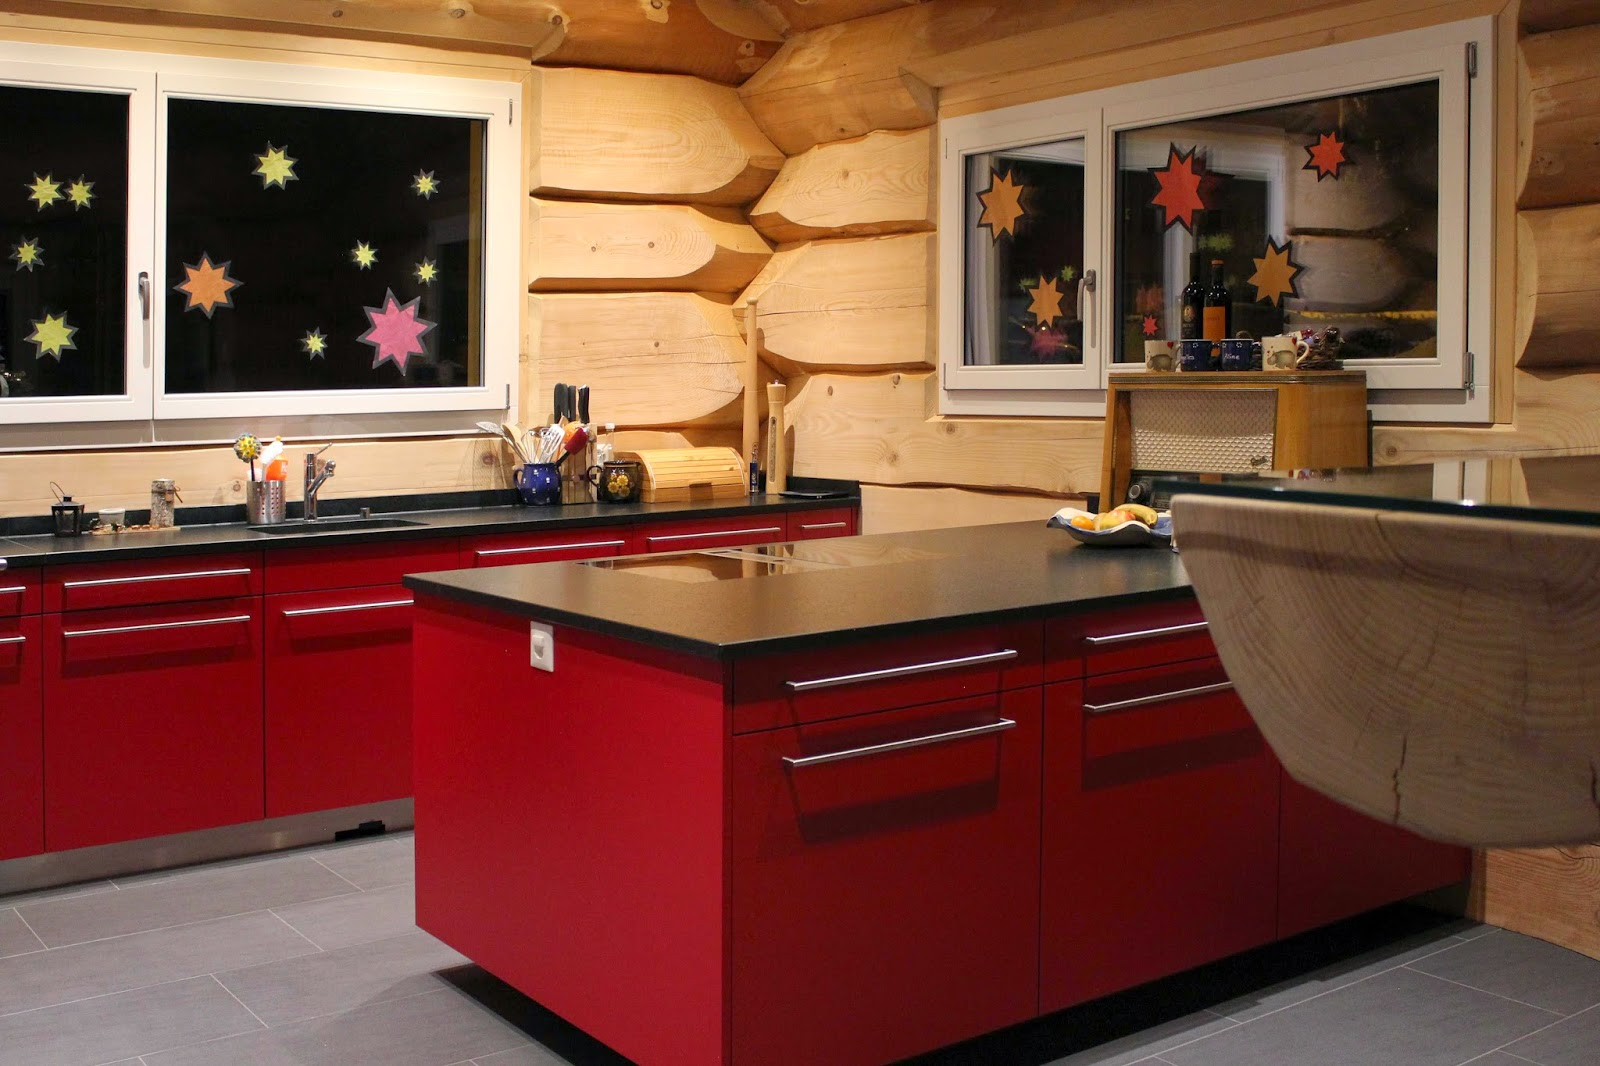 Nett Blockhaus Küchen Zeitgenössisch - Ideen Für Die Küche ...